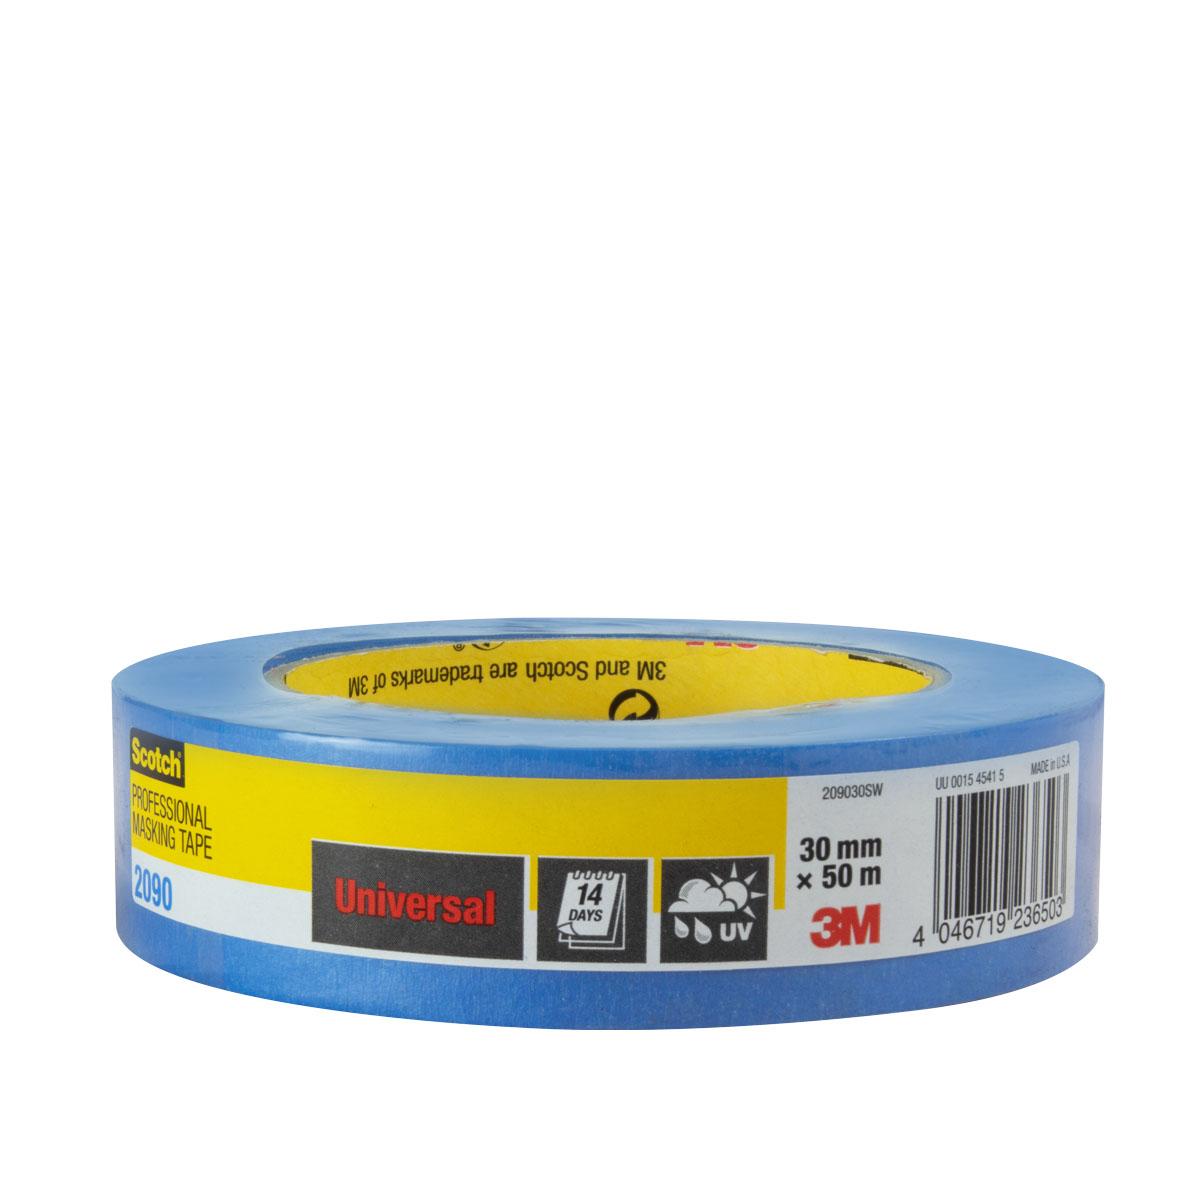 3M Scotch Super Malerabdeckband 2090, 30mm, blau